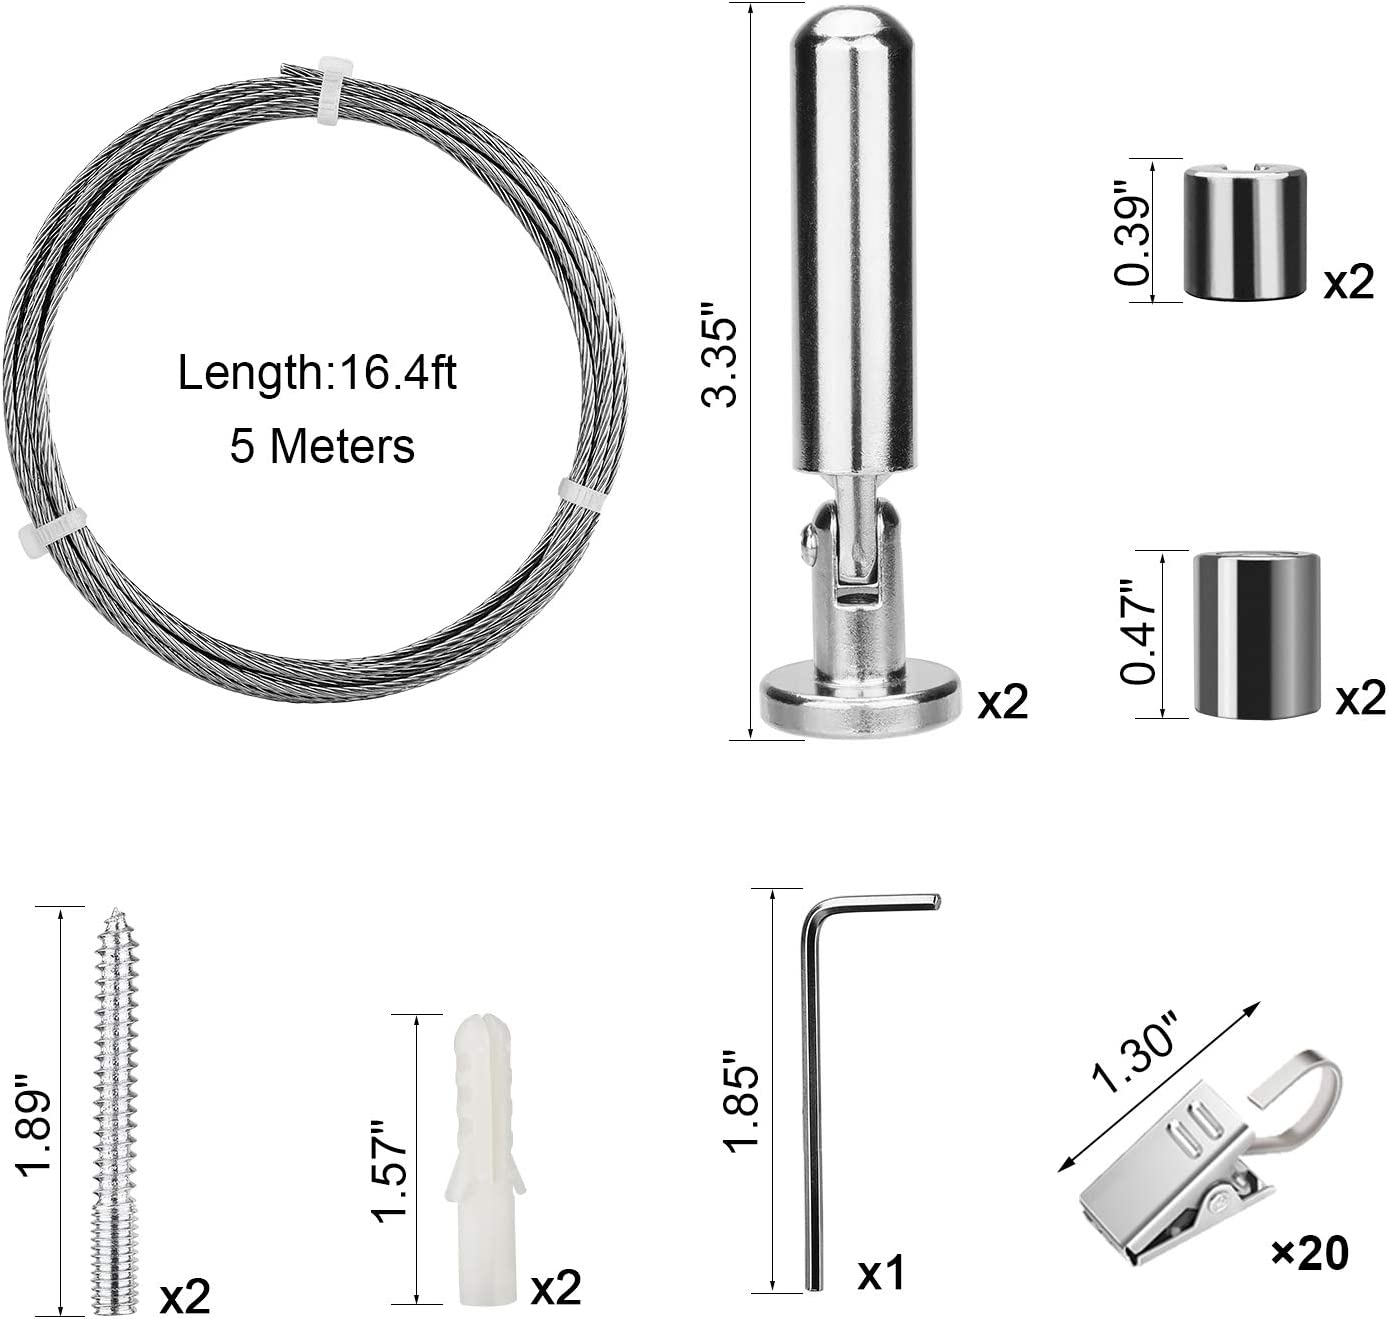 Pinowu Tringle /à rideaux avec 20/clips supporte une charge de 30/kg multifonction en acier inoxydable 5/m/ètres fil de suspension